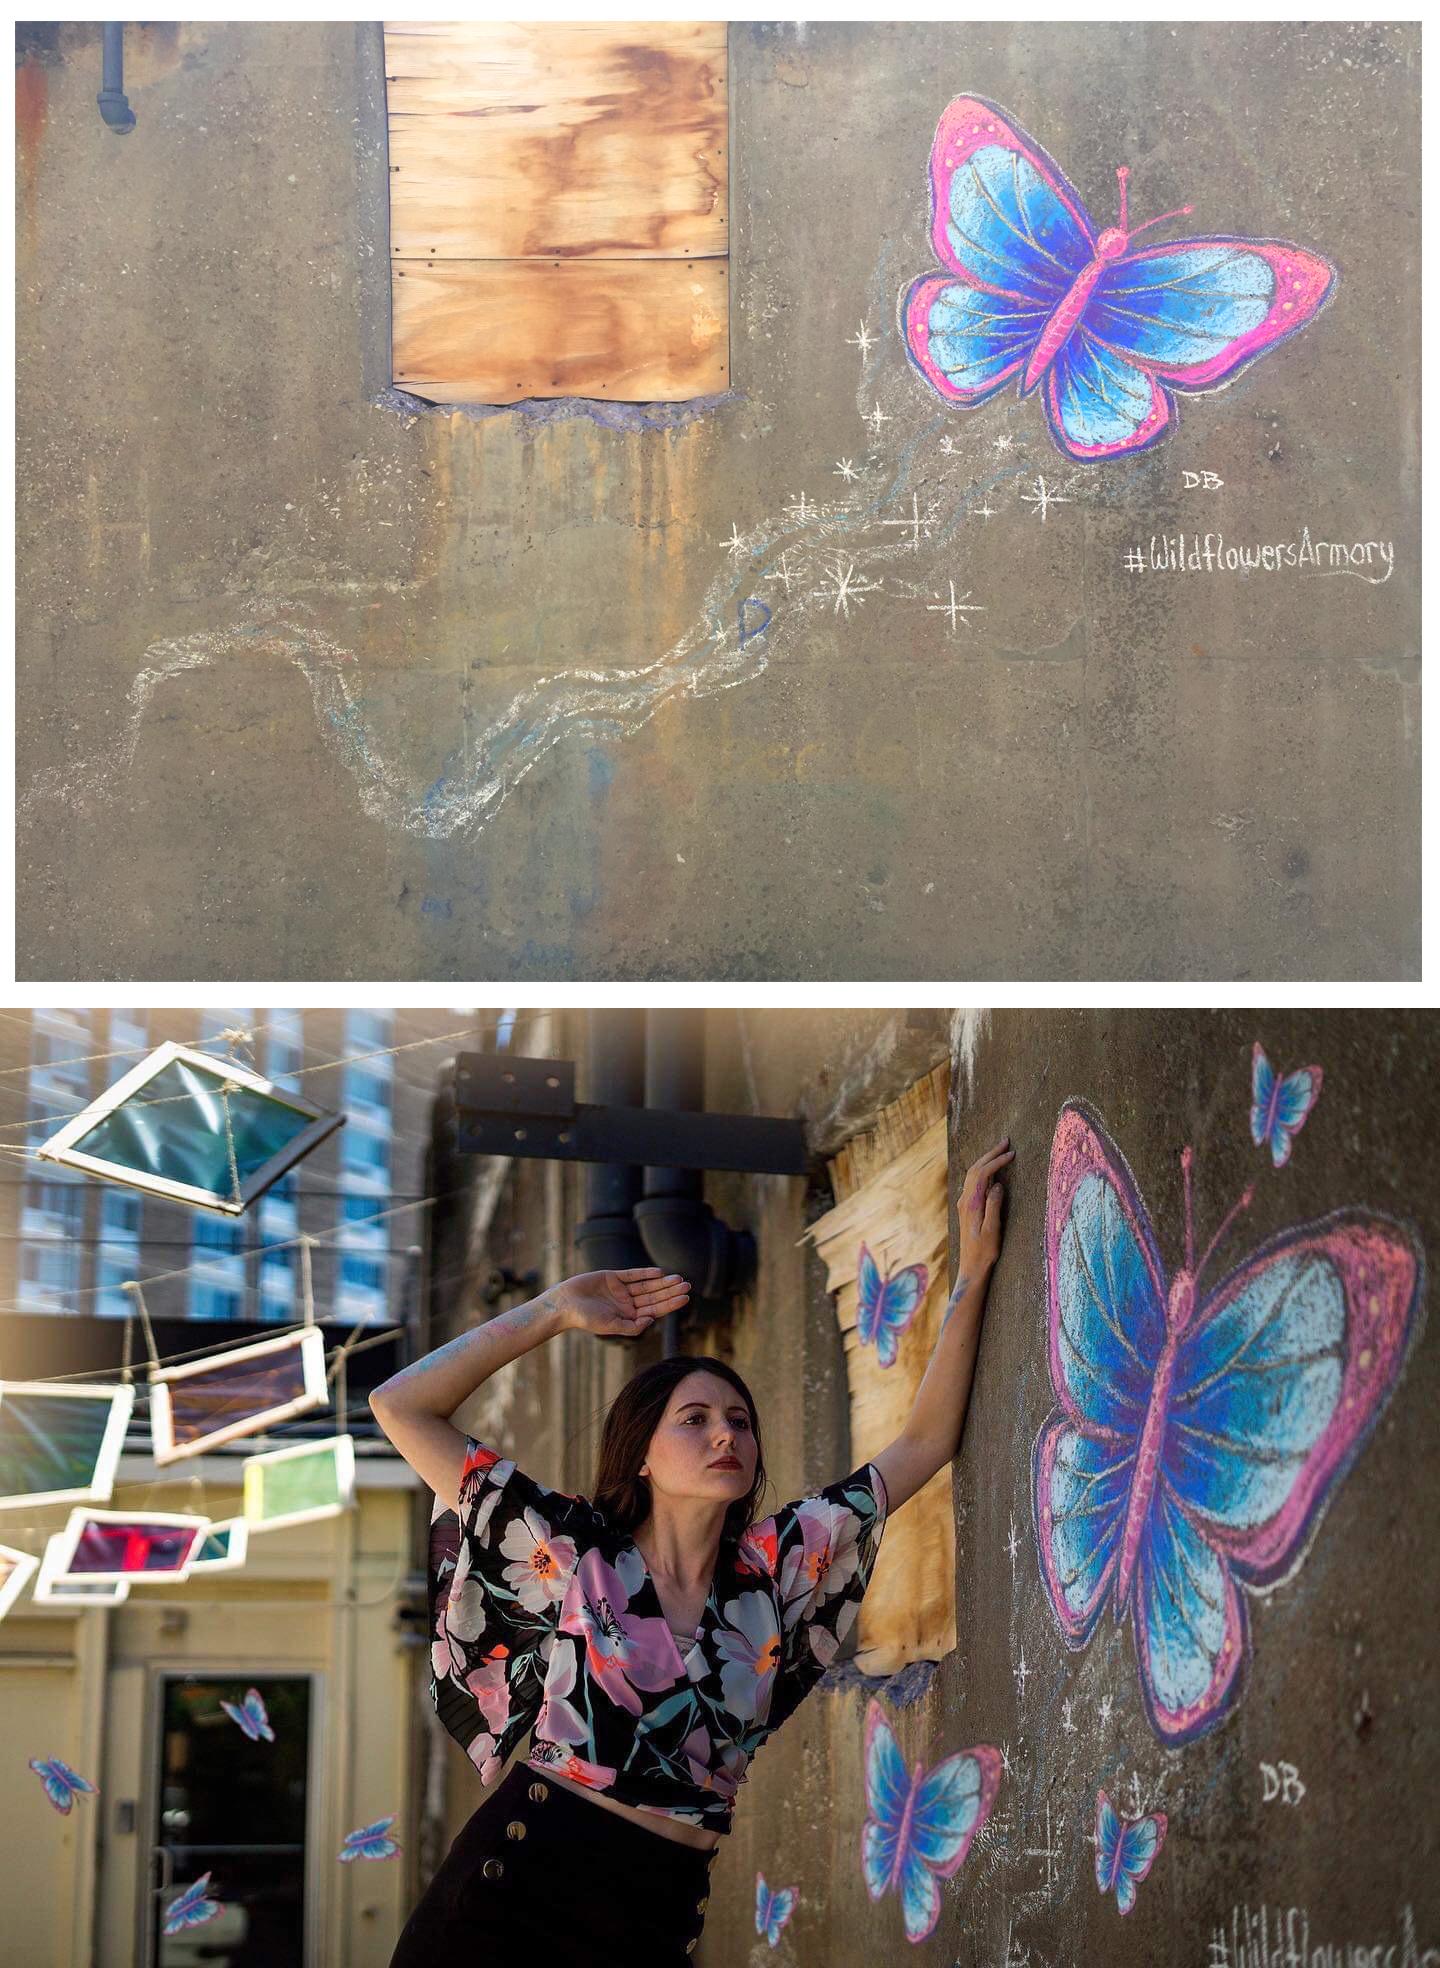 Butterfly Chalkbomb